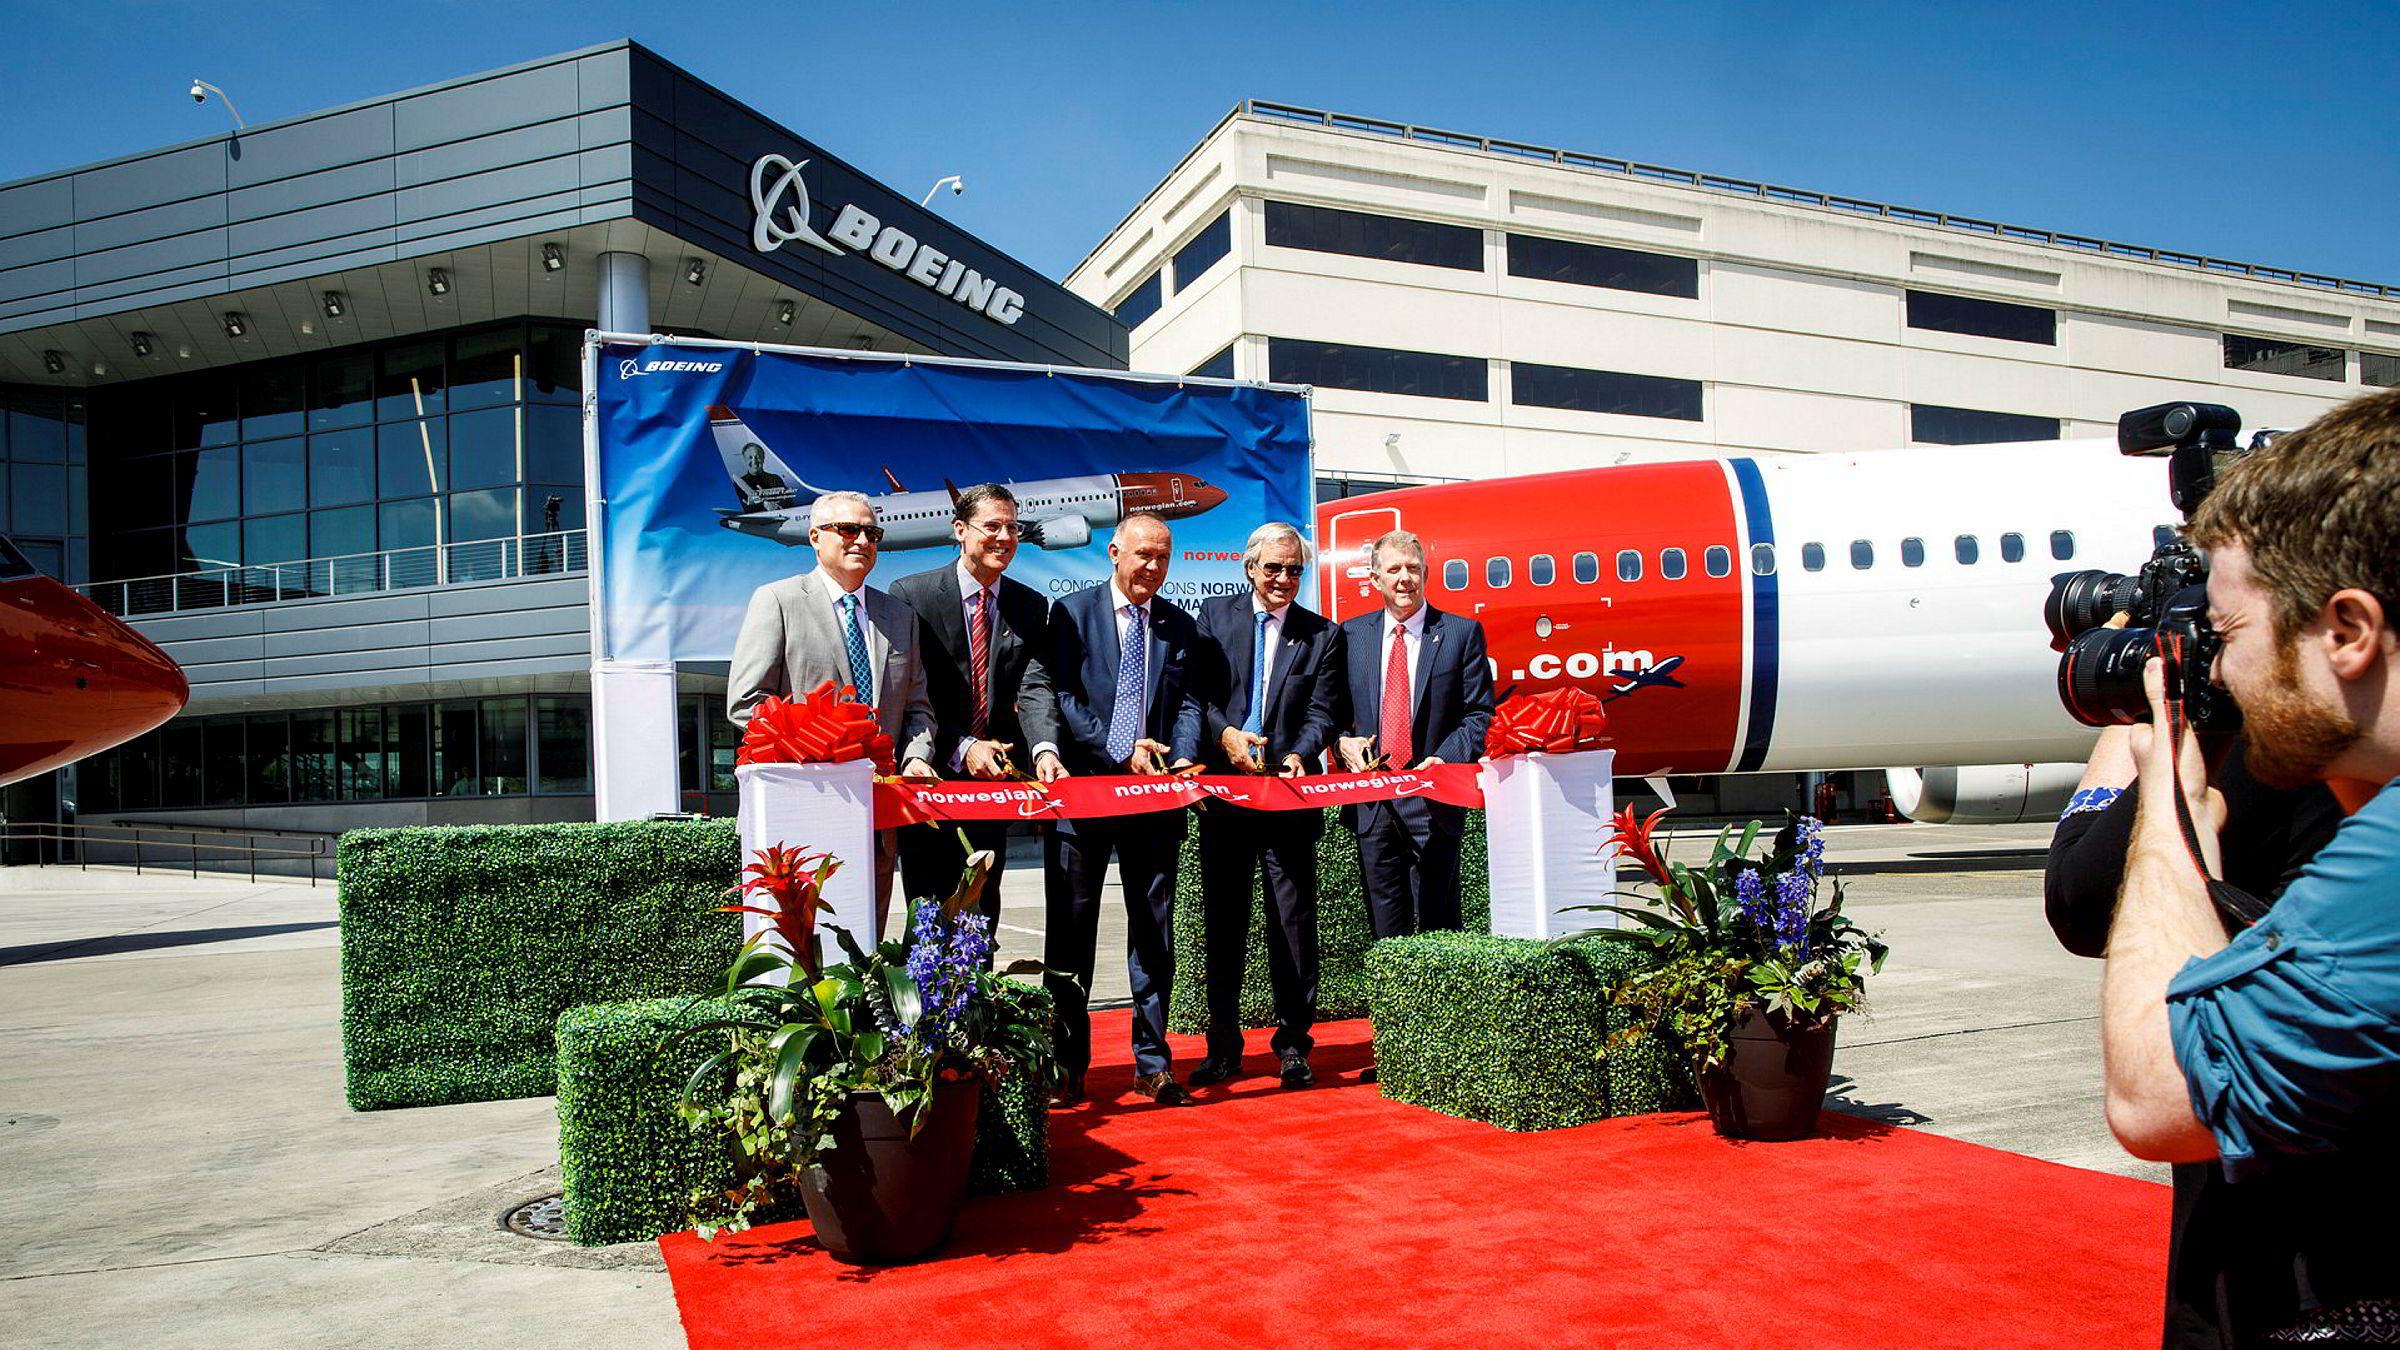 En el verano de 2017, el ex comandante noruego Bjørn Kjos (segundo desde la derecha) estaba en la planta de Boeing en Seattle para recibir el primer avión Boeing 737 Max.  Más tarde, los aviones fueron estacionados y Norwegian terminó en problemas financieros.